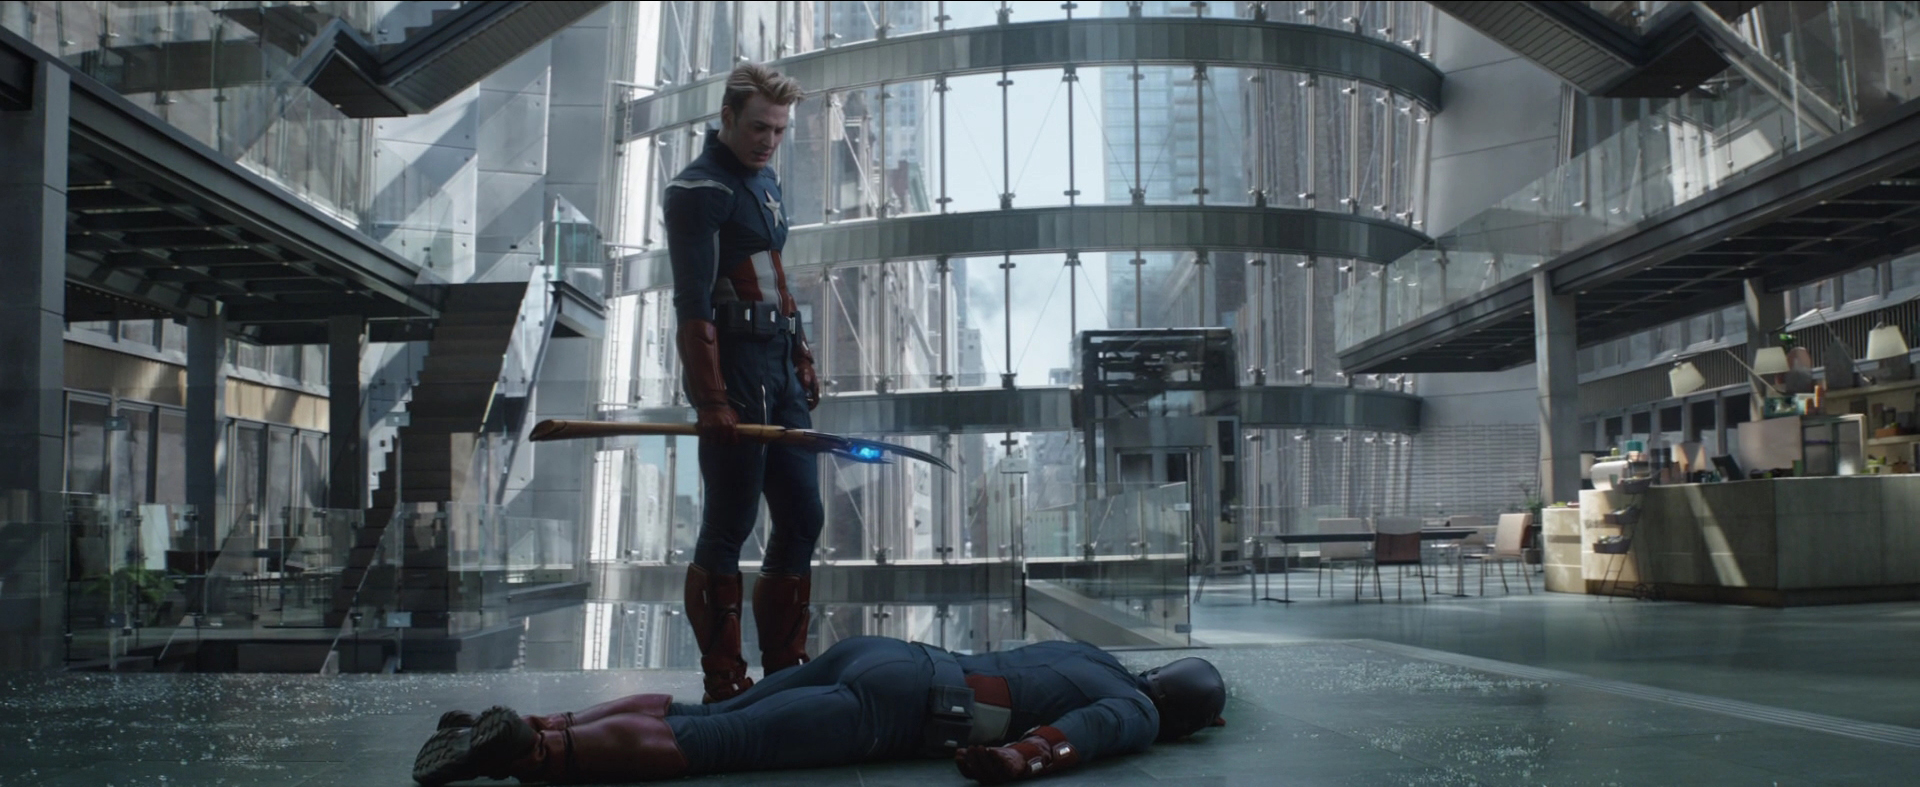 'Avengers: Endgame' Blu-Ray Captures Added